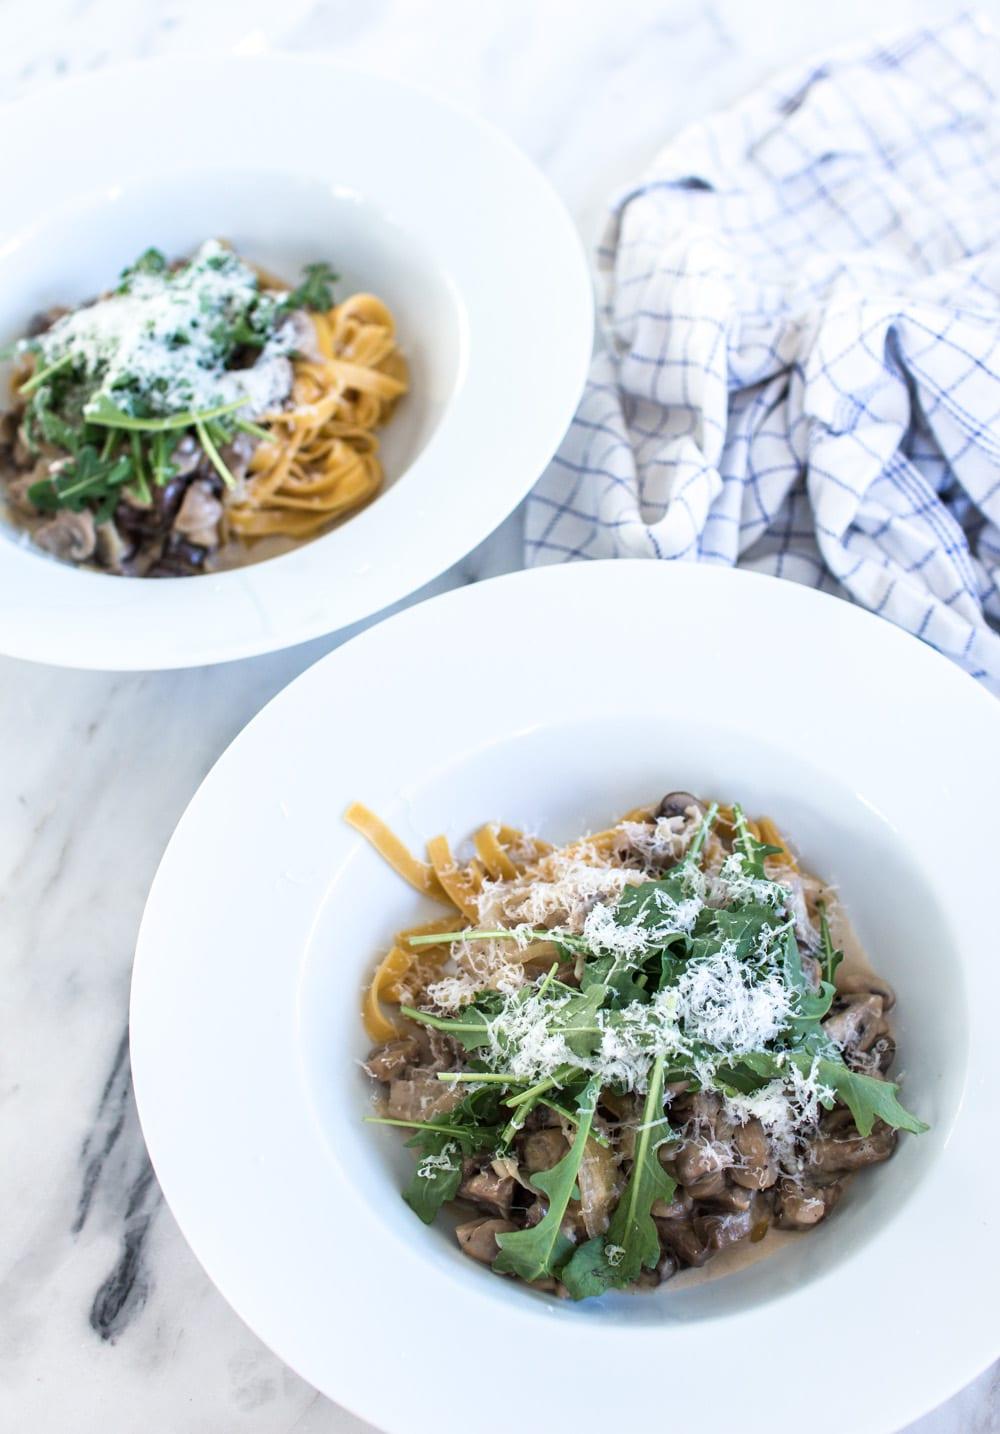 opskrift-pasta-svampe-floede-vegetar-8-of-8